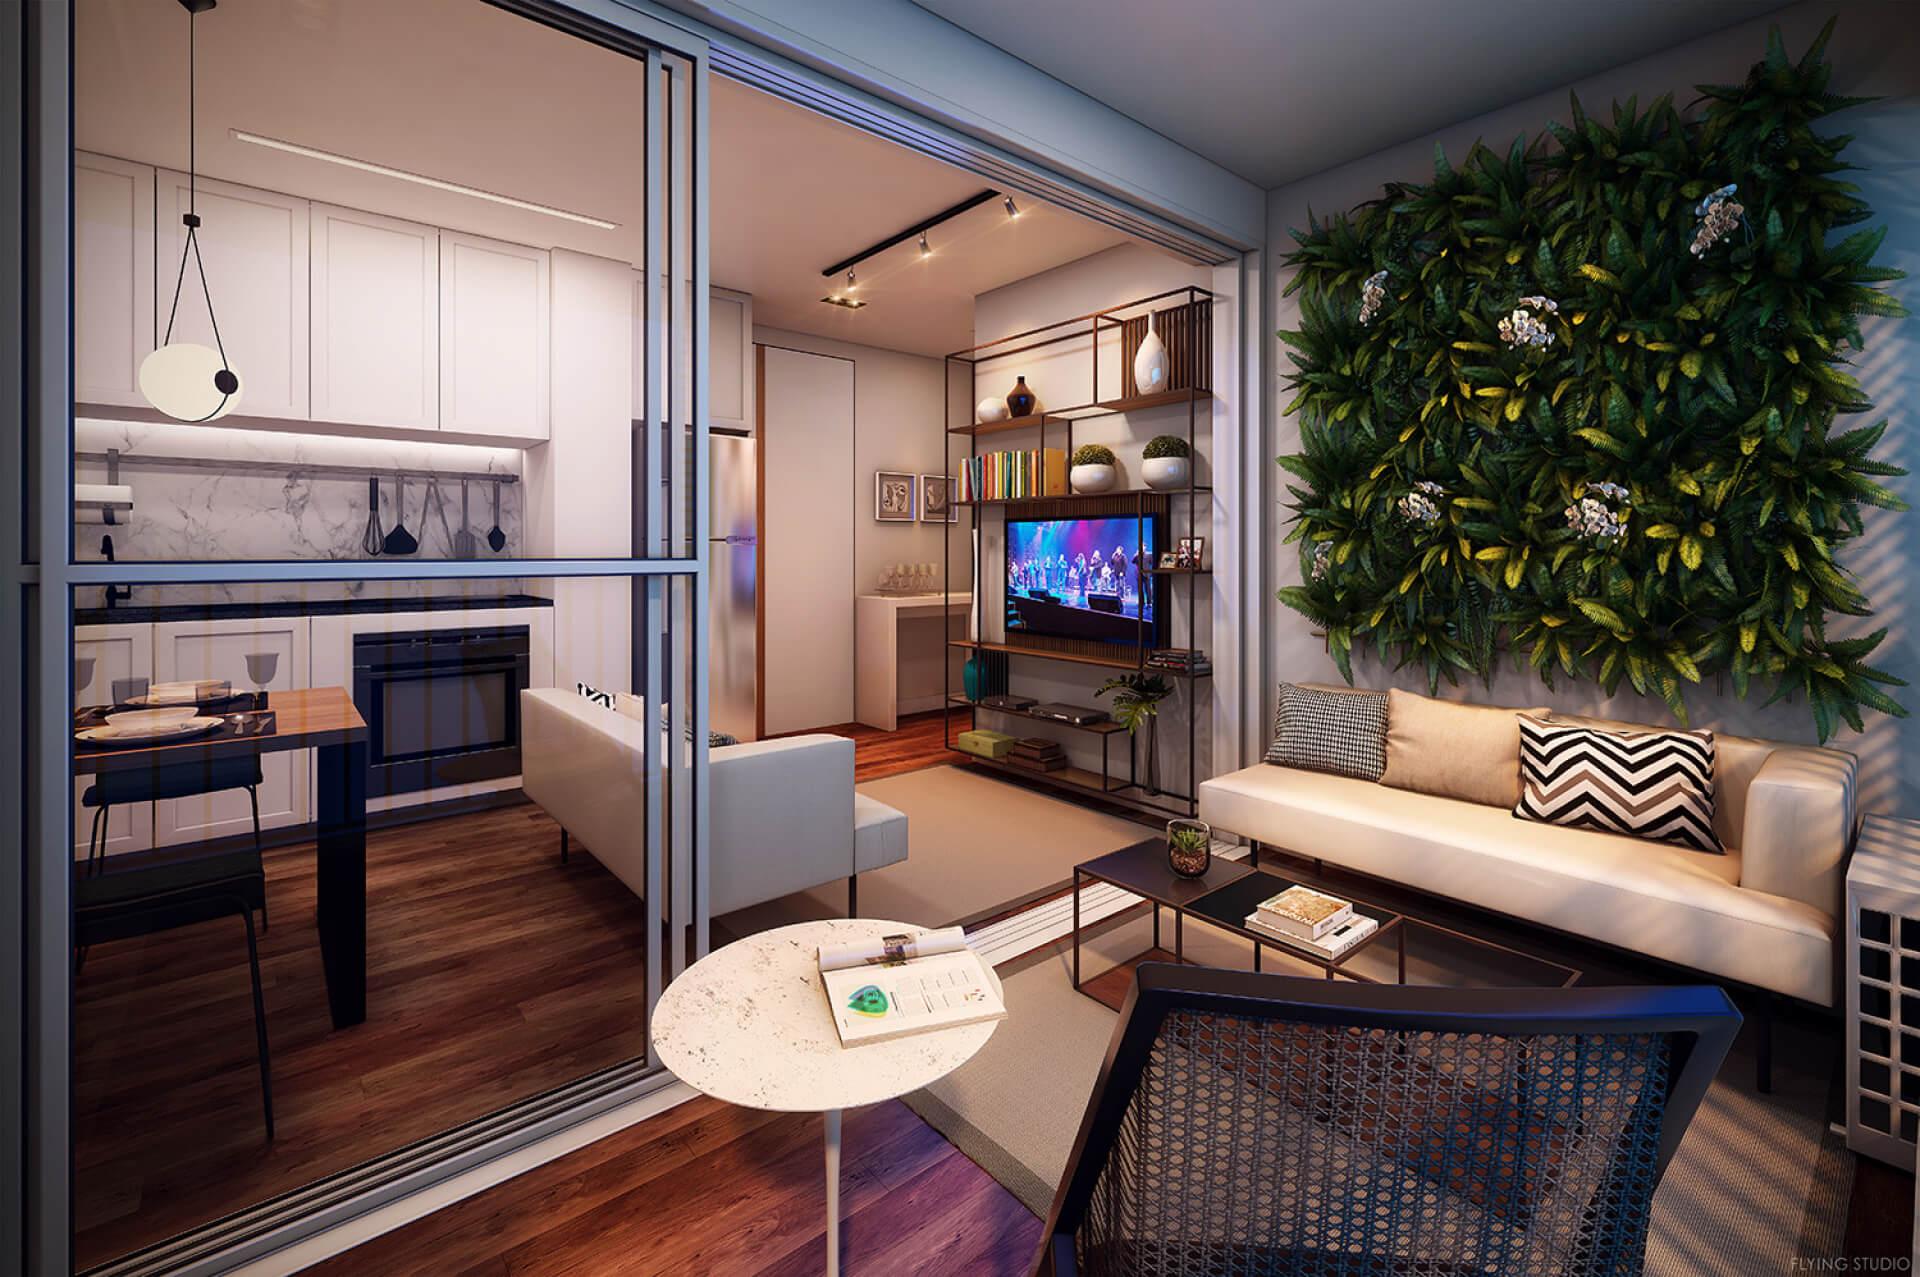 LIVING do apto de 38 m² com infra para ar-condicionado e espaço de estar. O living é totalmente integrado mas possui boa fluidez e mantém a separação das funções, com cozinha aberta, sala de TV e mesa para refeições.